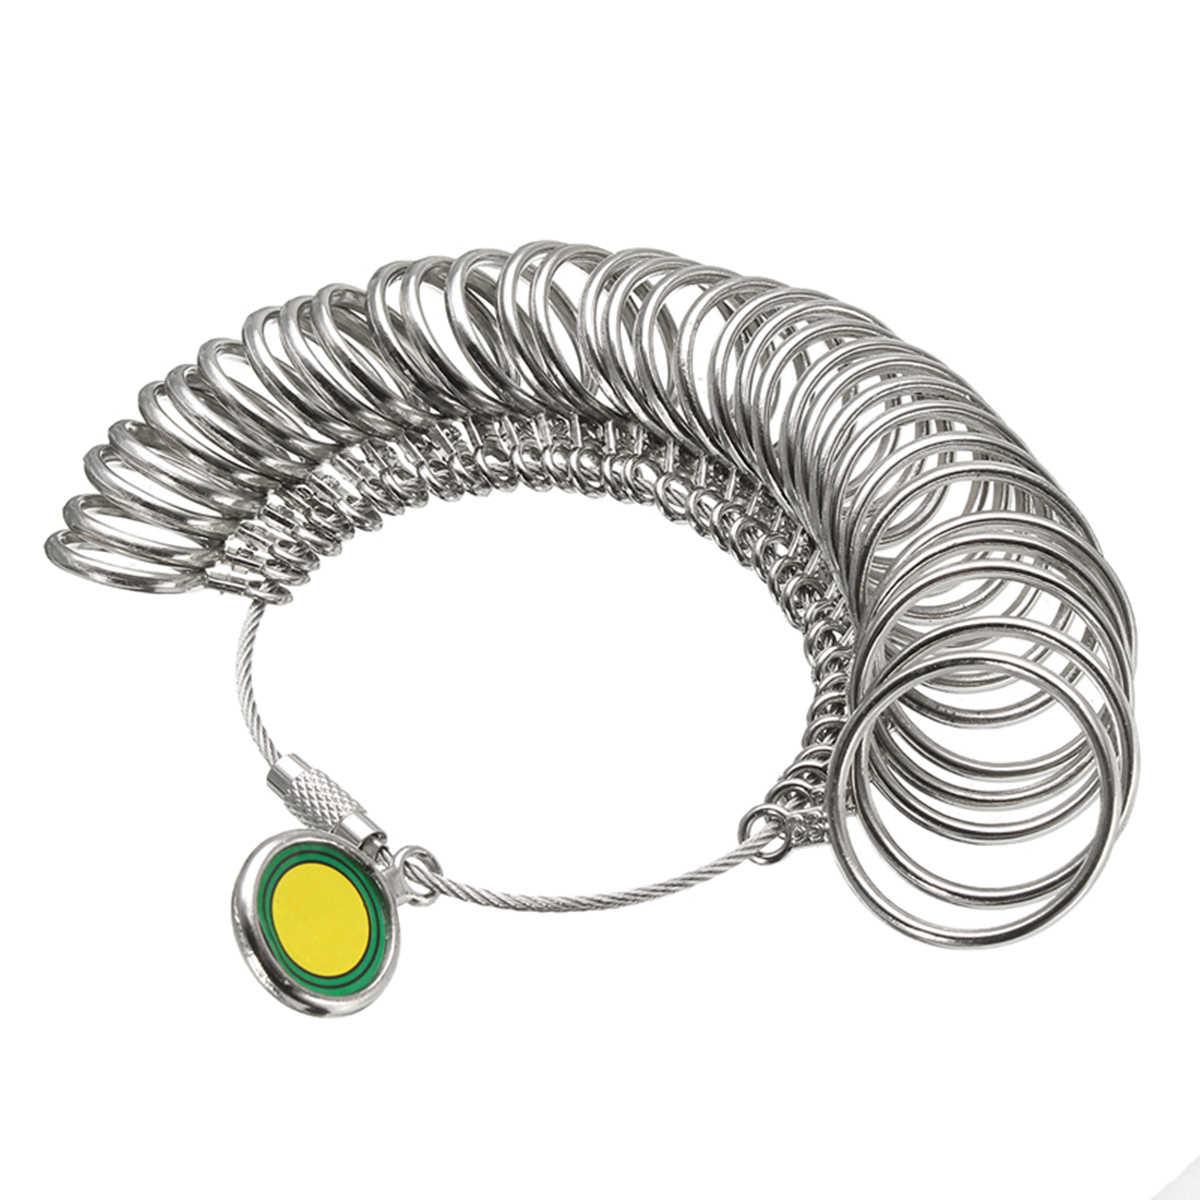 3 шт. 1-33 американский размер кольцо кольцемер оправка палец шаблонное кольца набор мерный молоток комплект для создания бижутерии детали ручного инструмента серебро